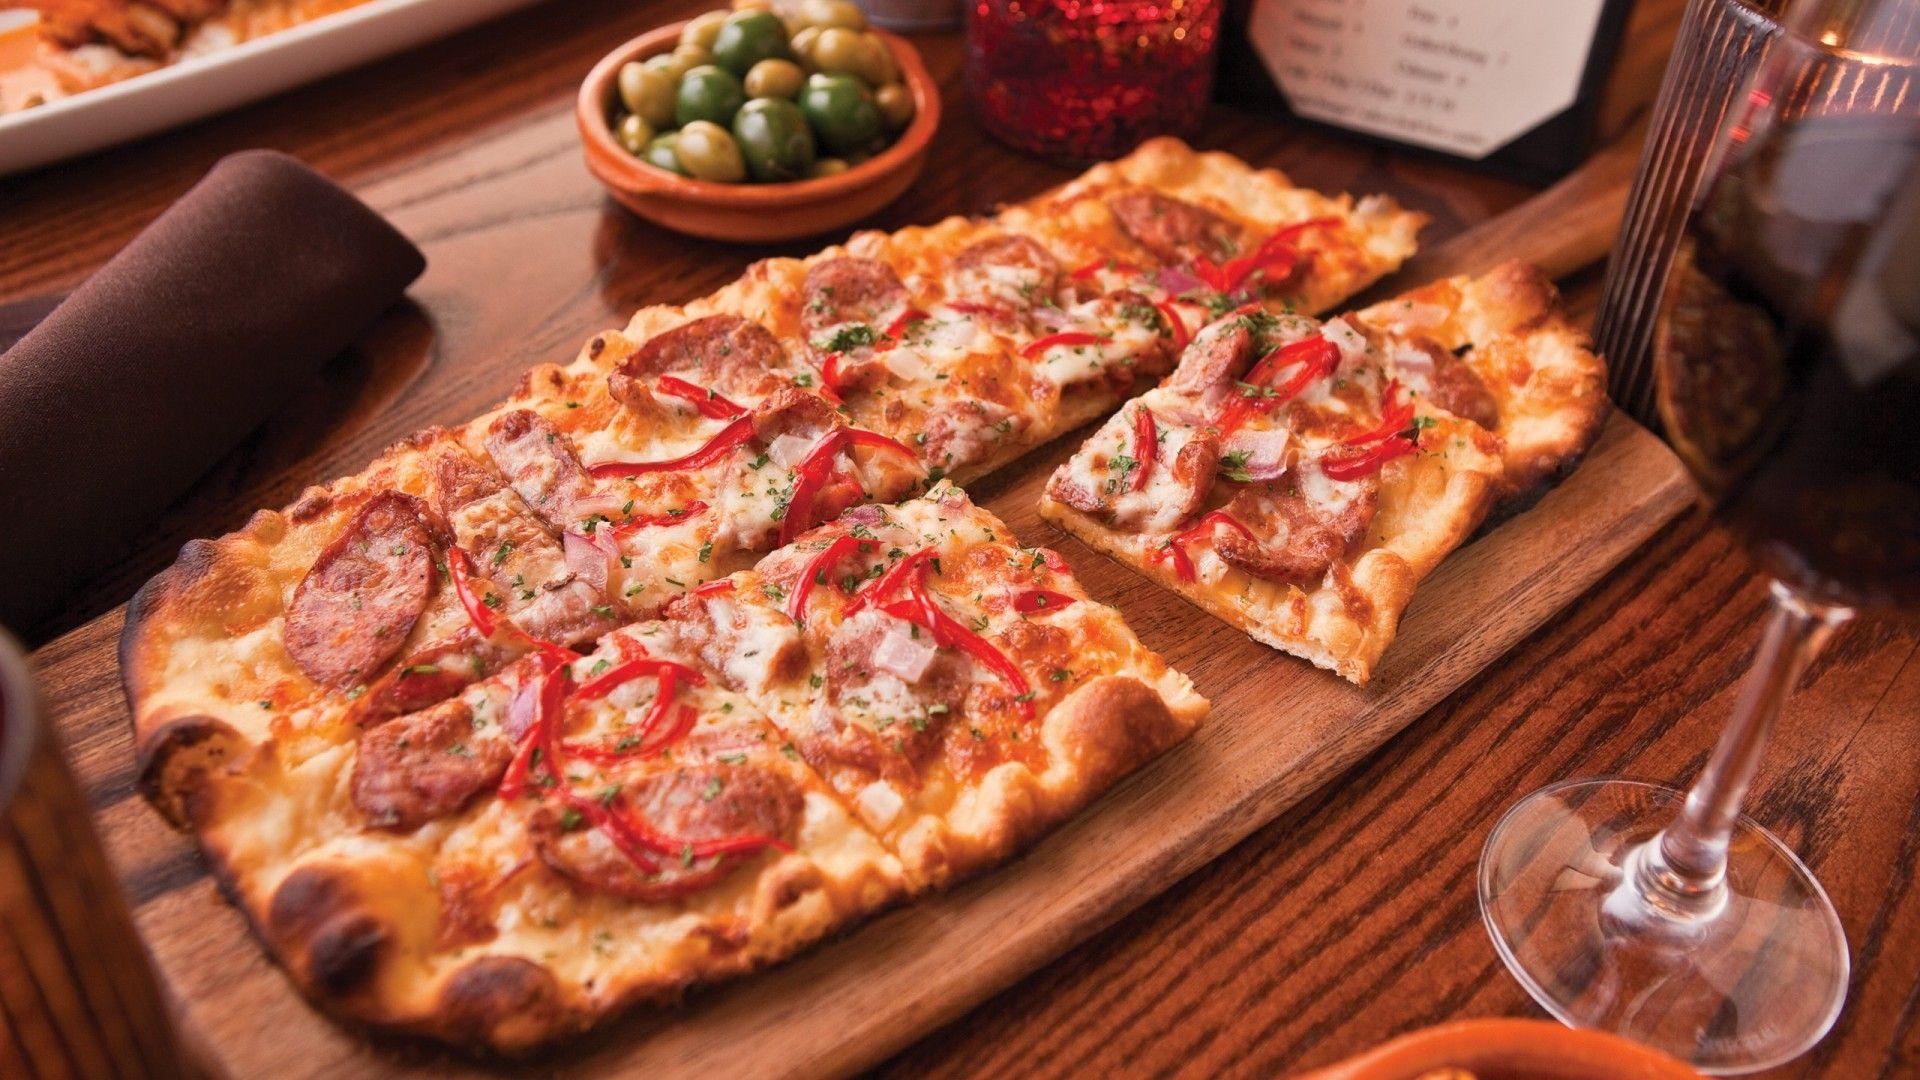 四角いピザが美味しそう